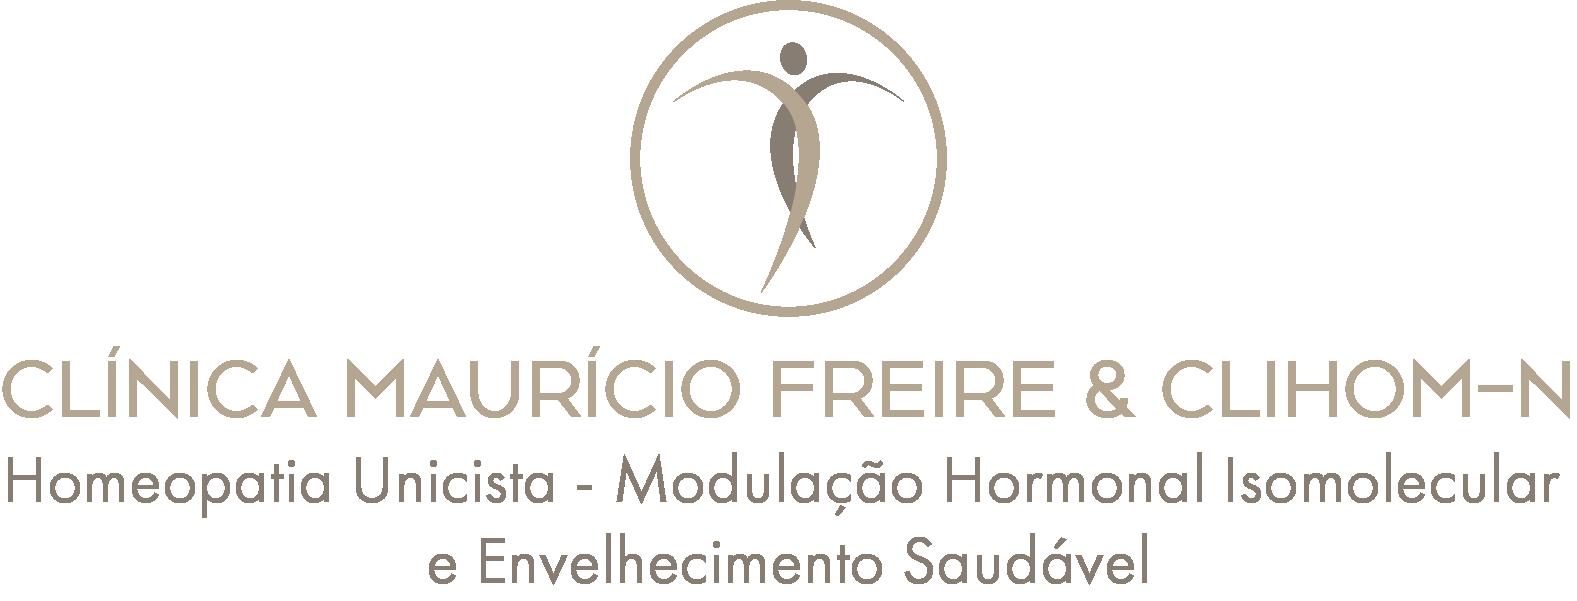 Clínica Maurício Freire